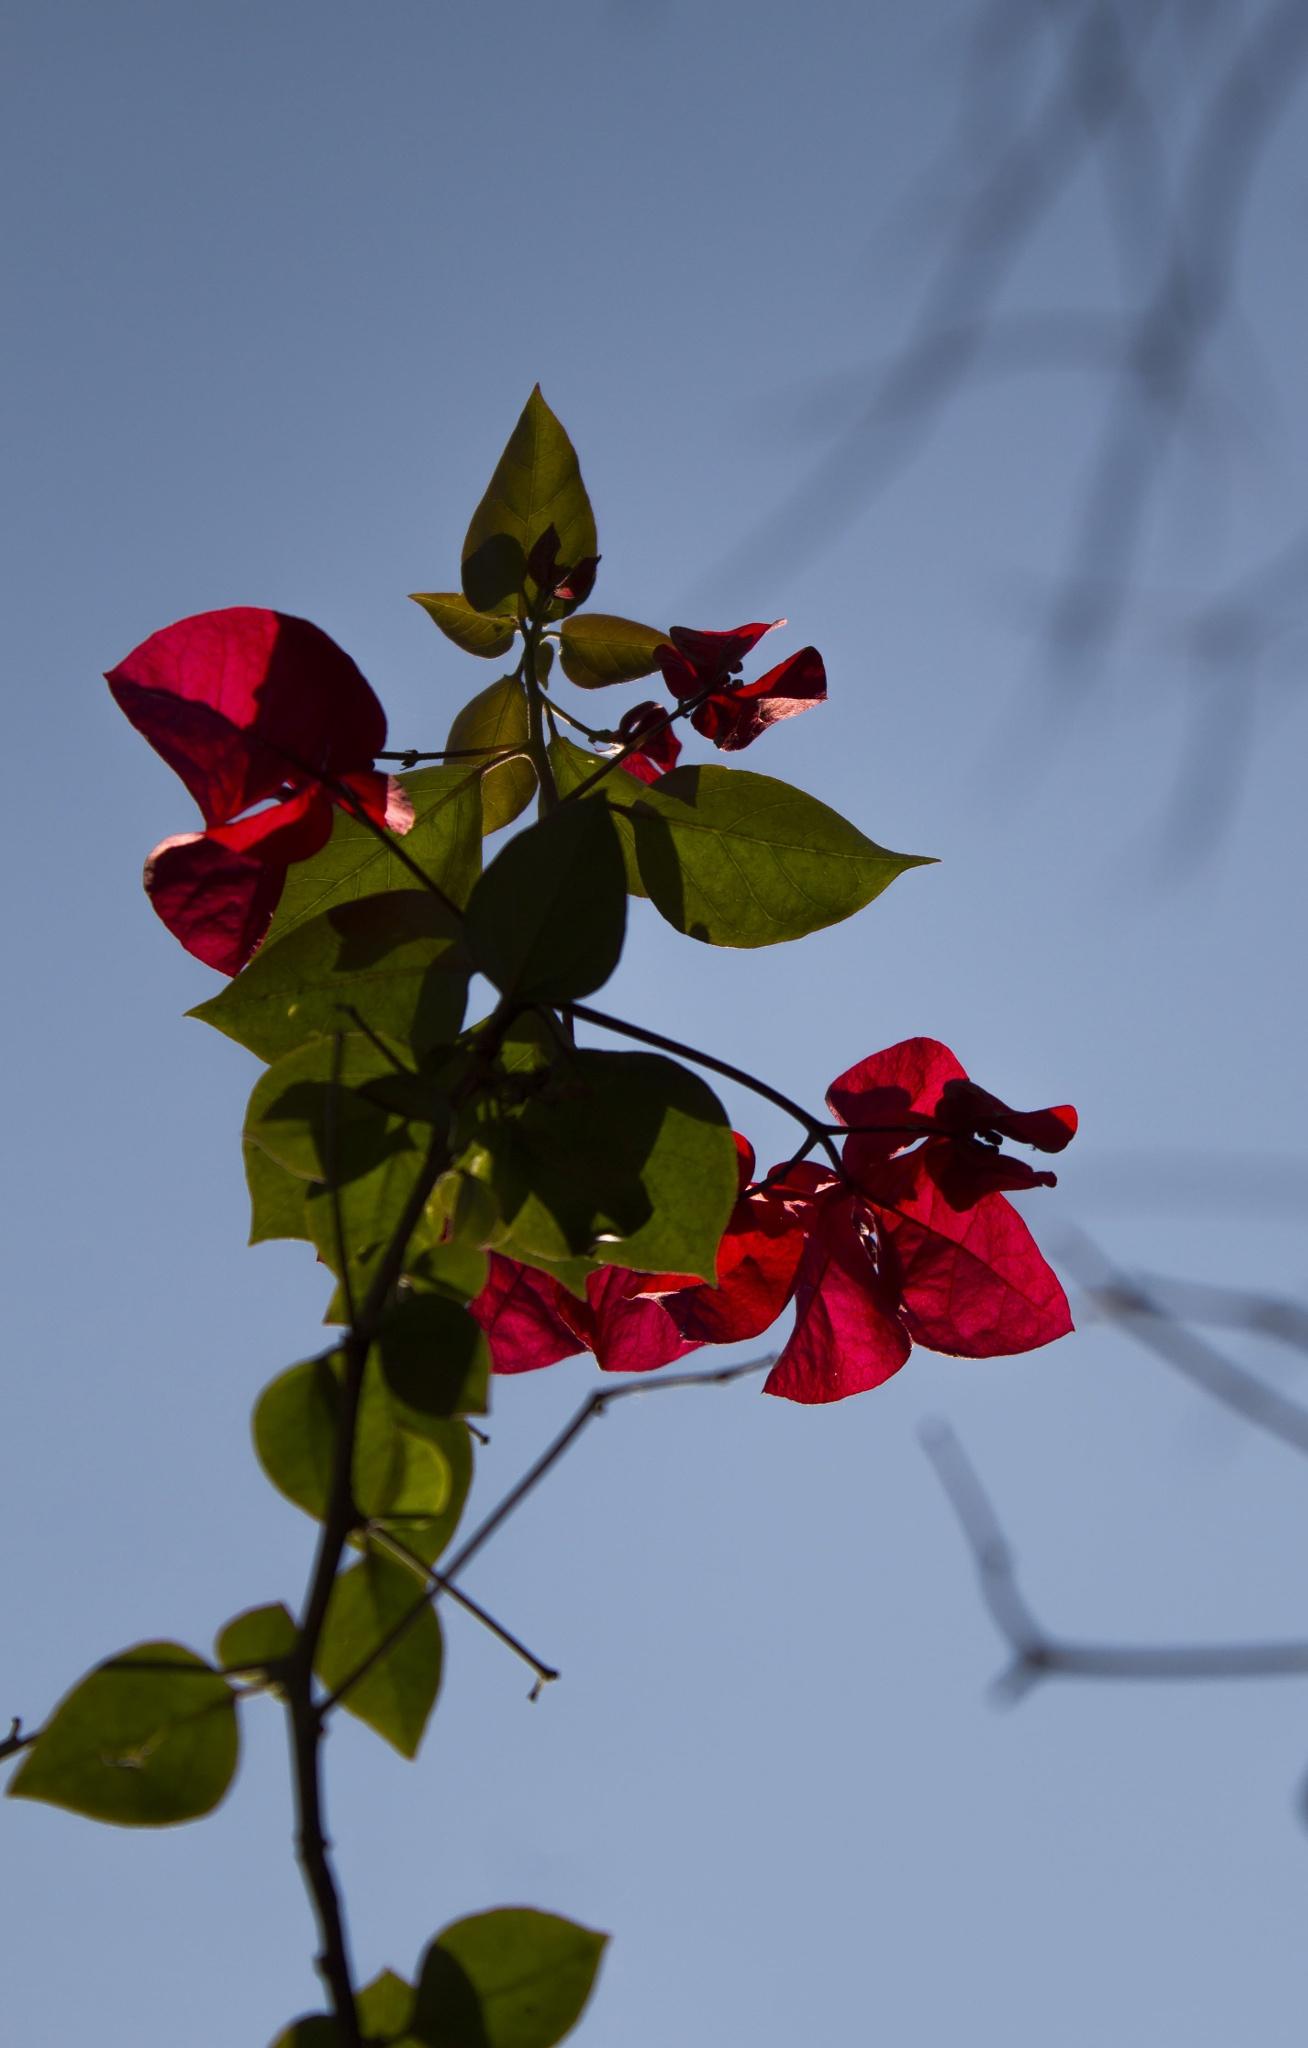 Flowers on trees by Saad Mahdy